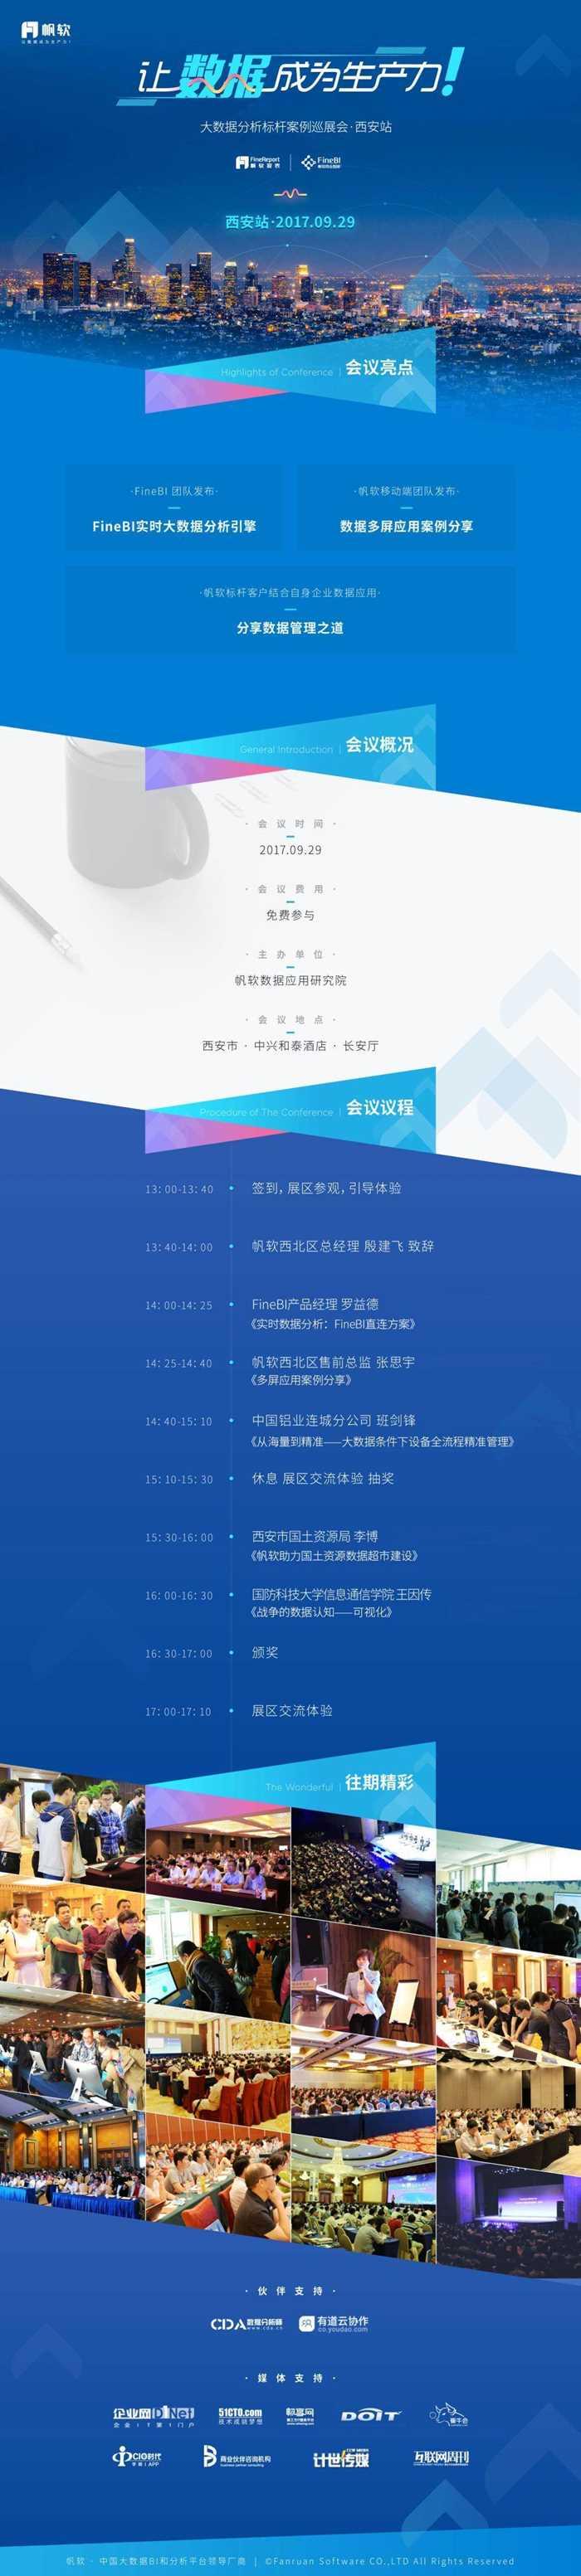 web邀请_西安站7.jpg